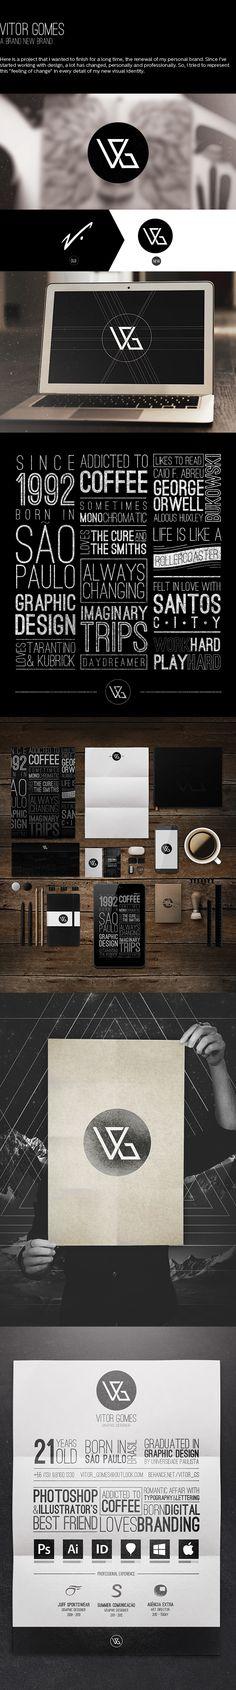 Vitor Gomes - A brand new brand by Vitor Gomes, via Behance